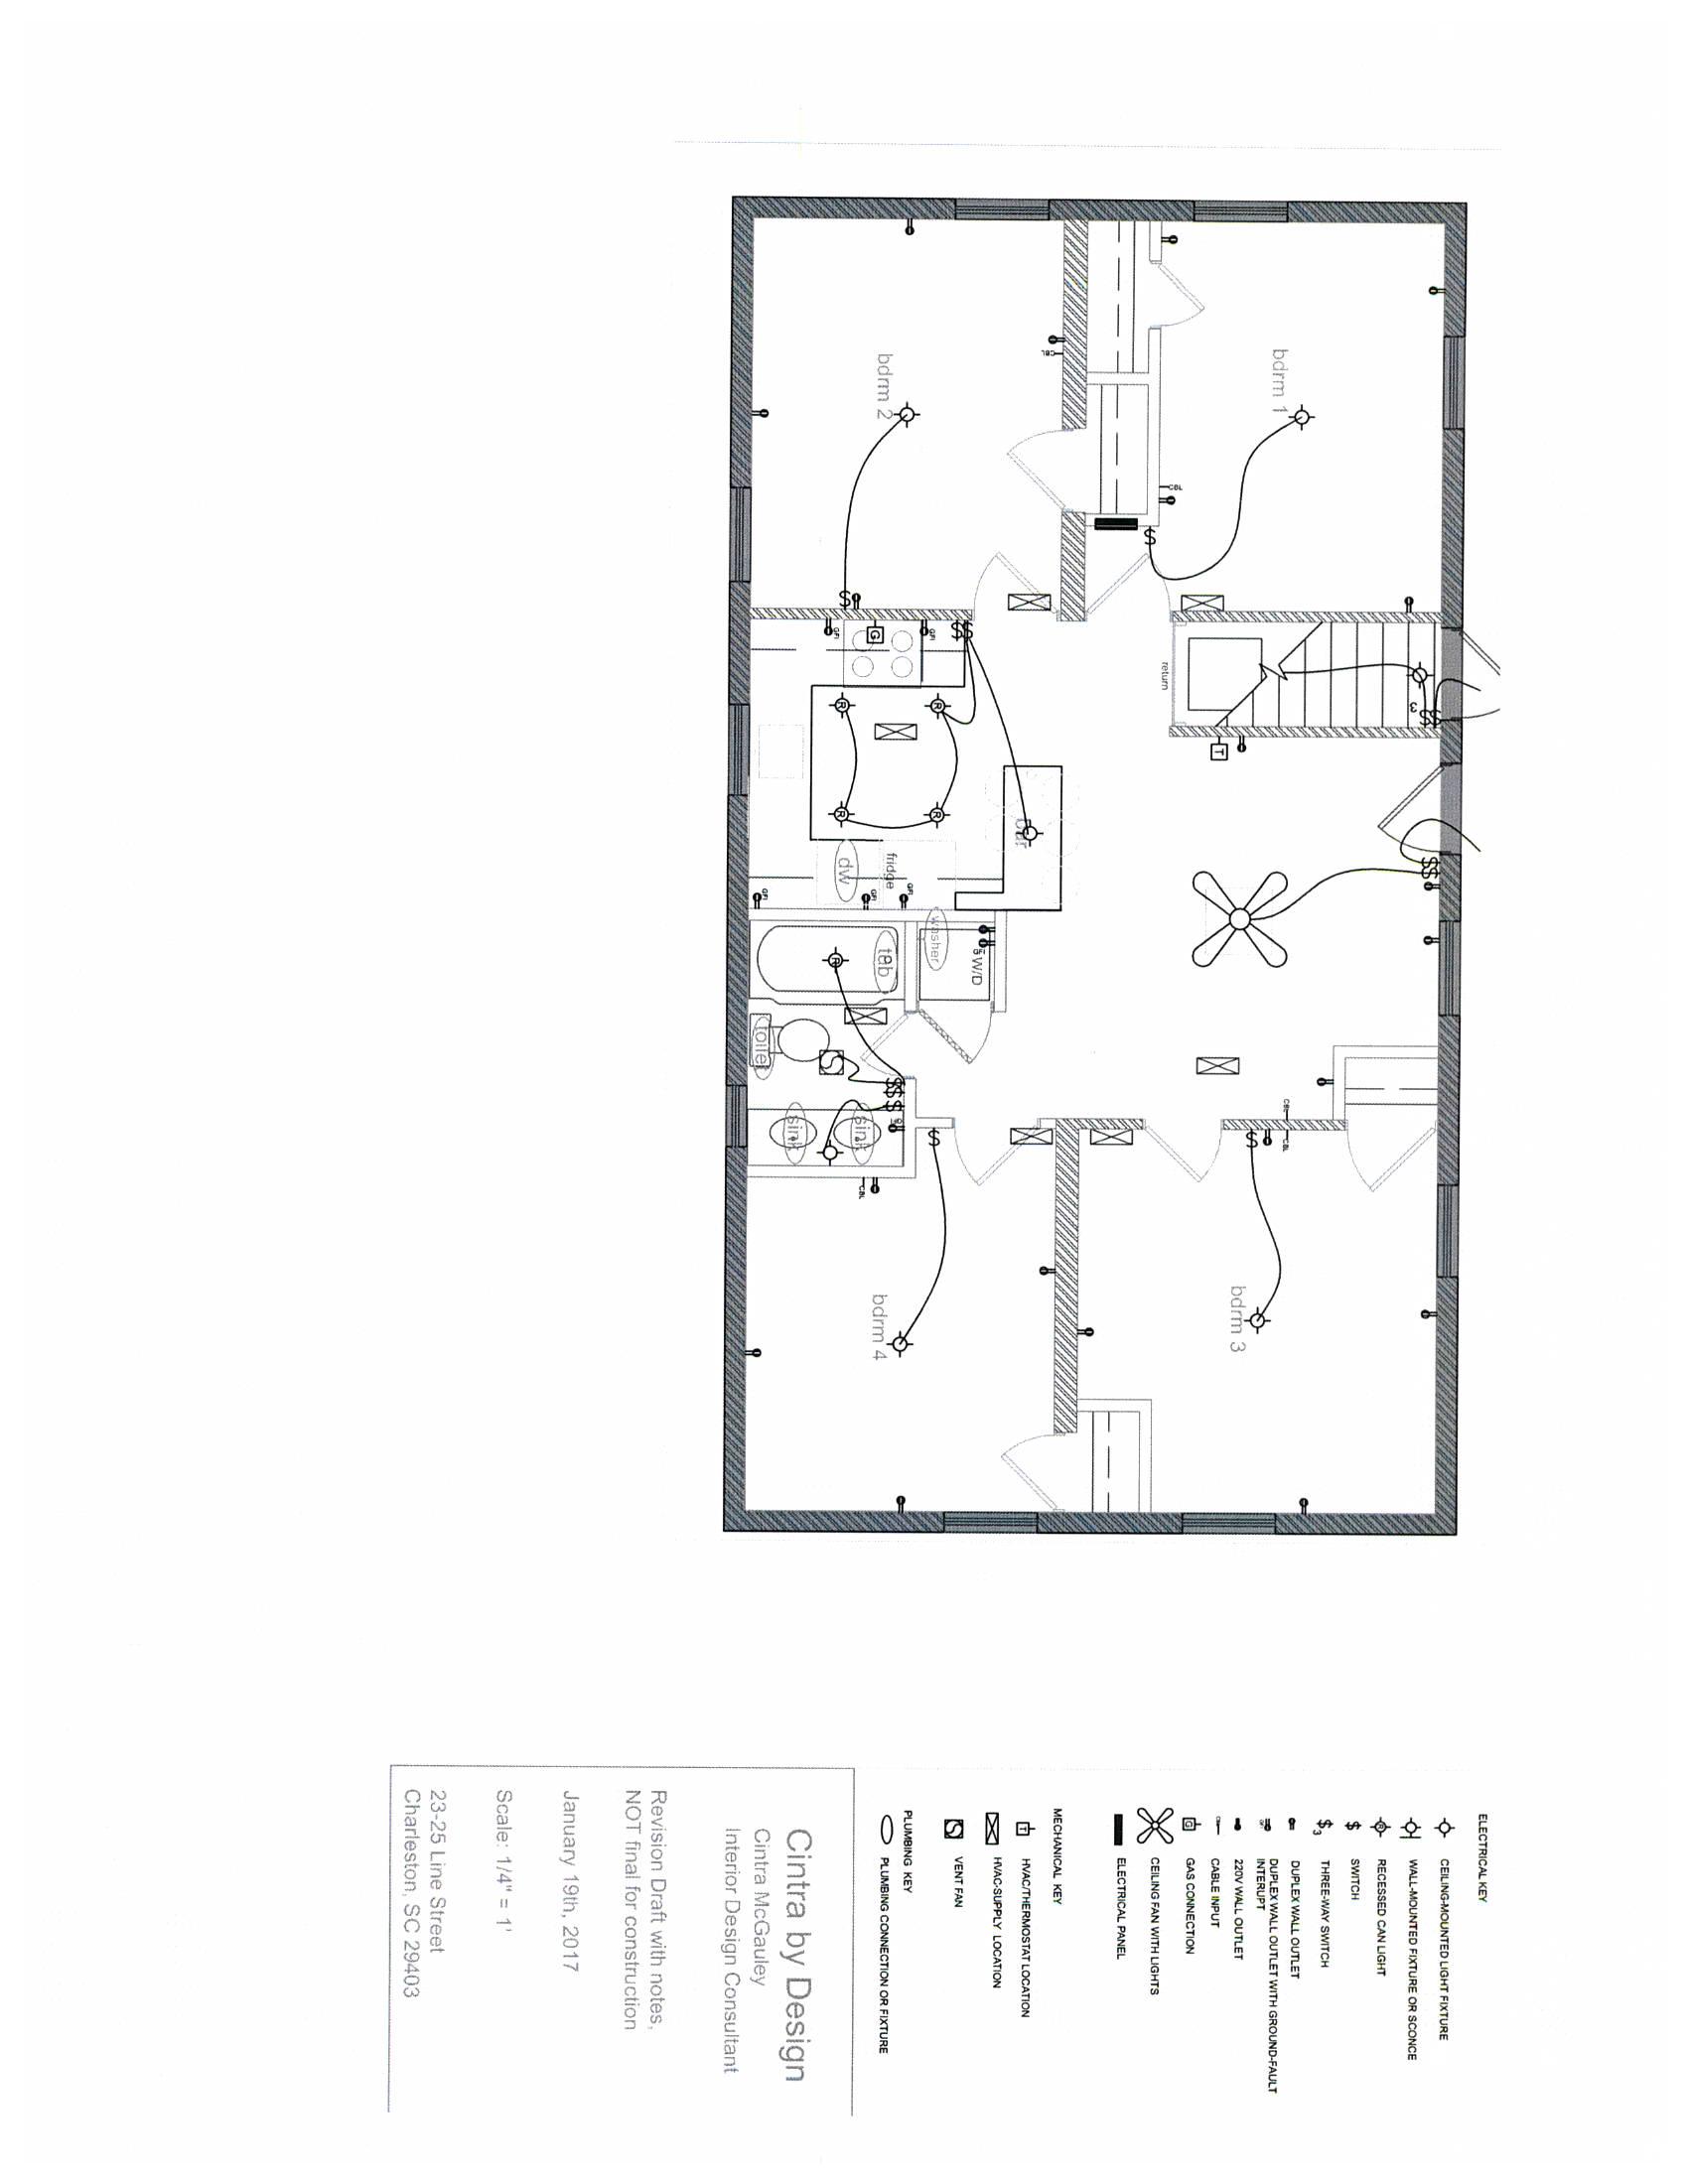 Electrical Floor Plan Key